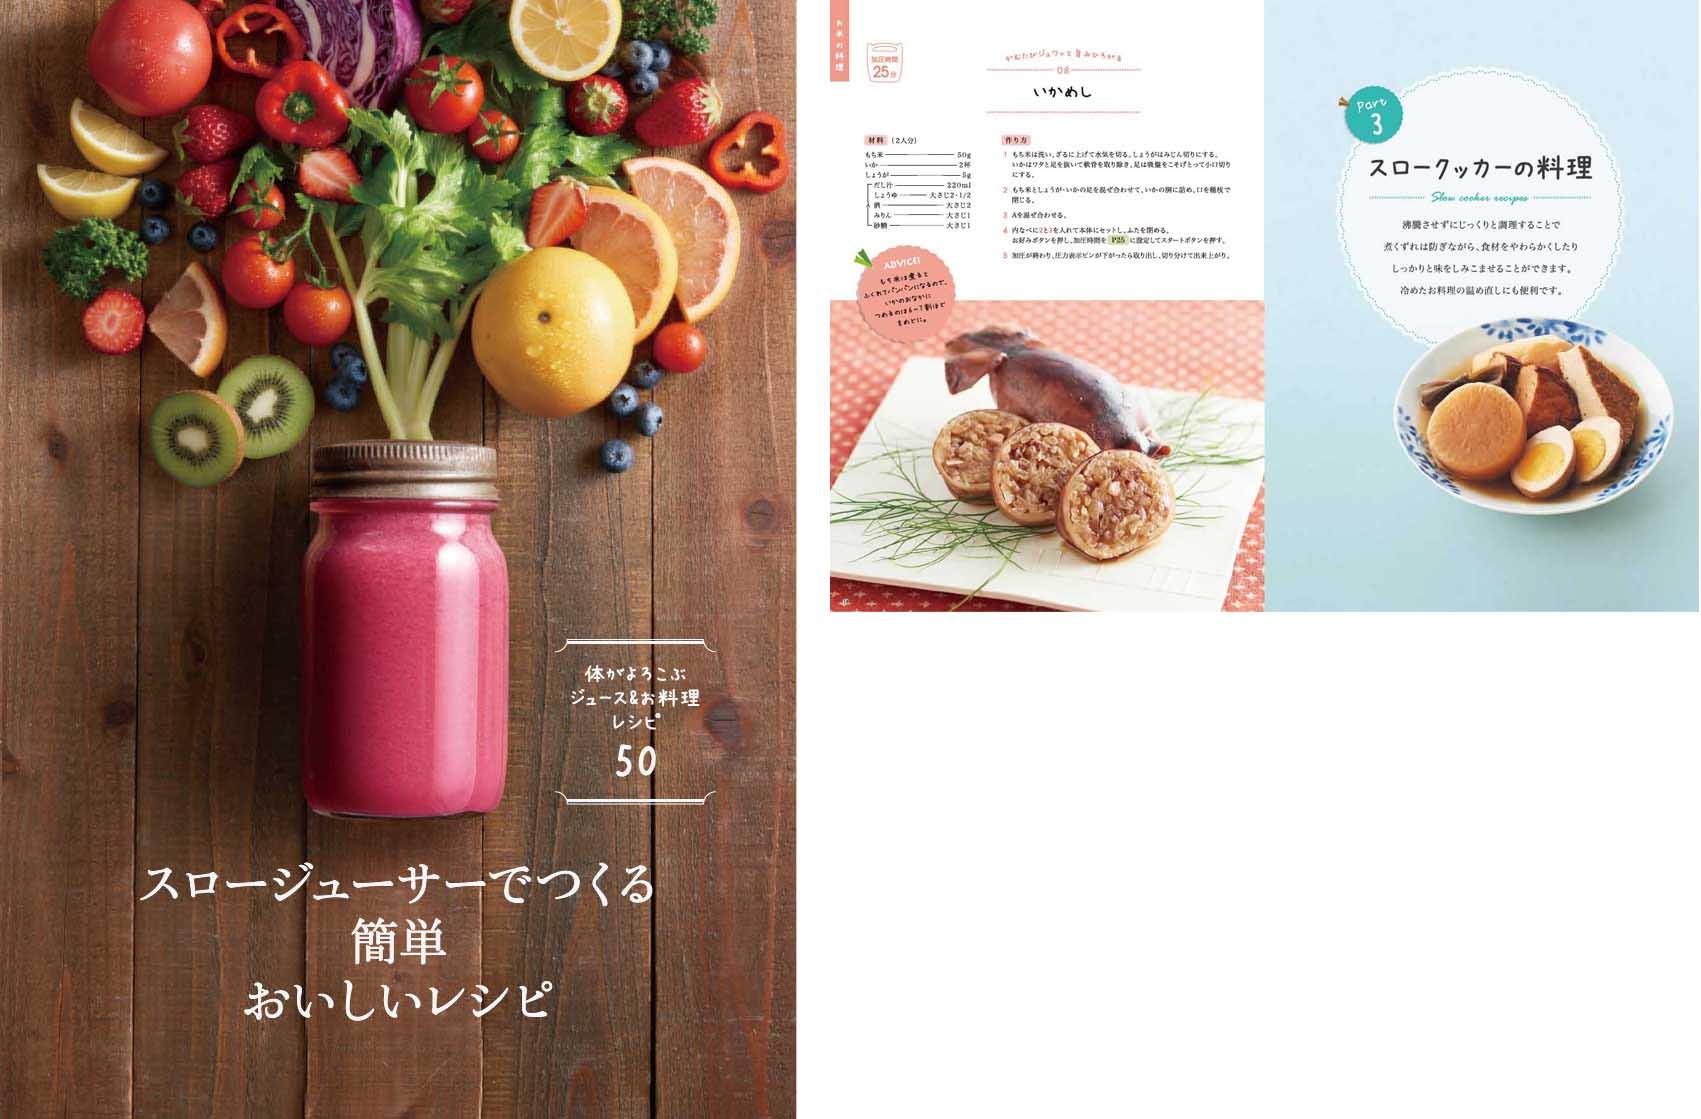 東京料理写真カメラマン | シズル感ある料理を撮 …